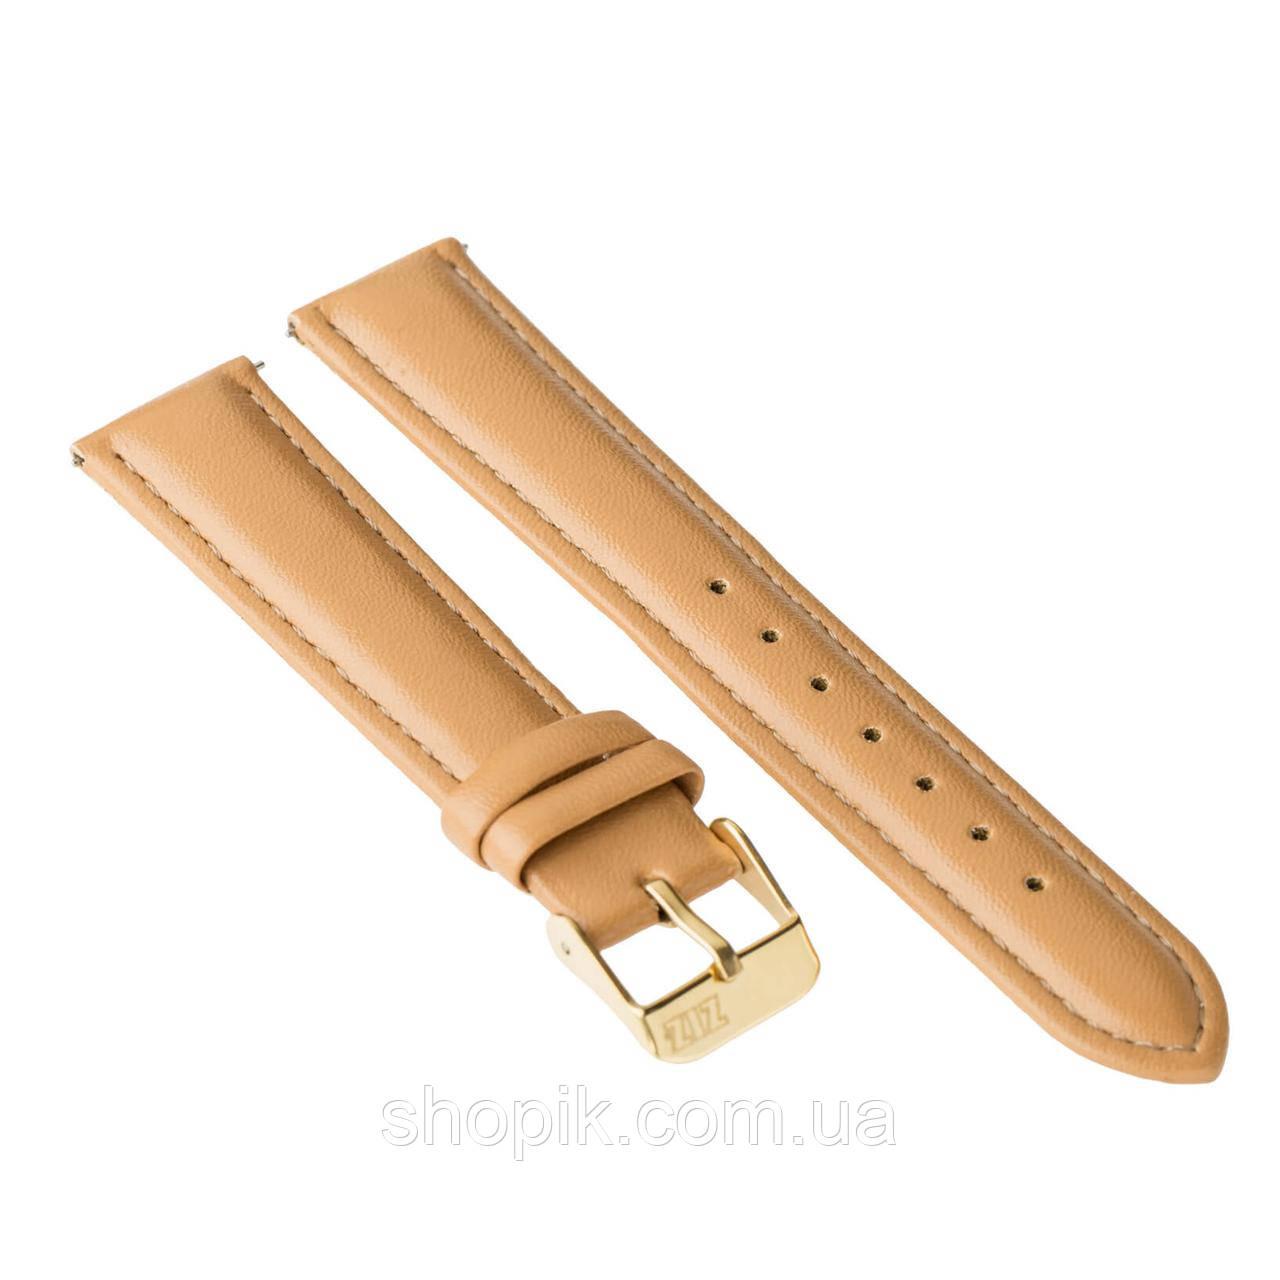 Ремінець для годинника ZIZ (карамельно - коричневий, золото) SHOPIK